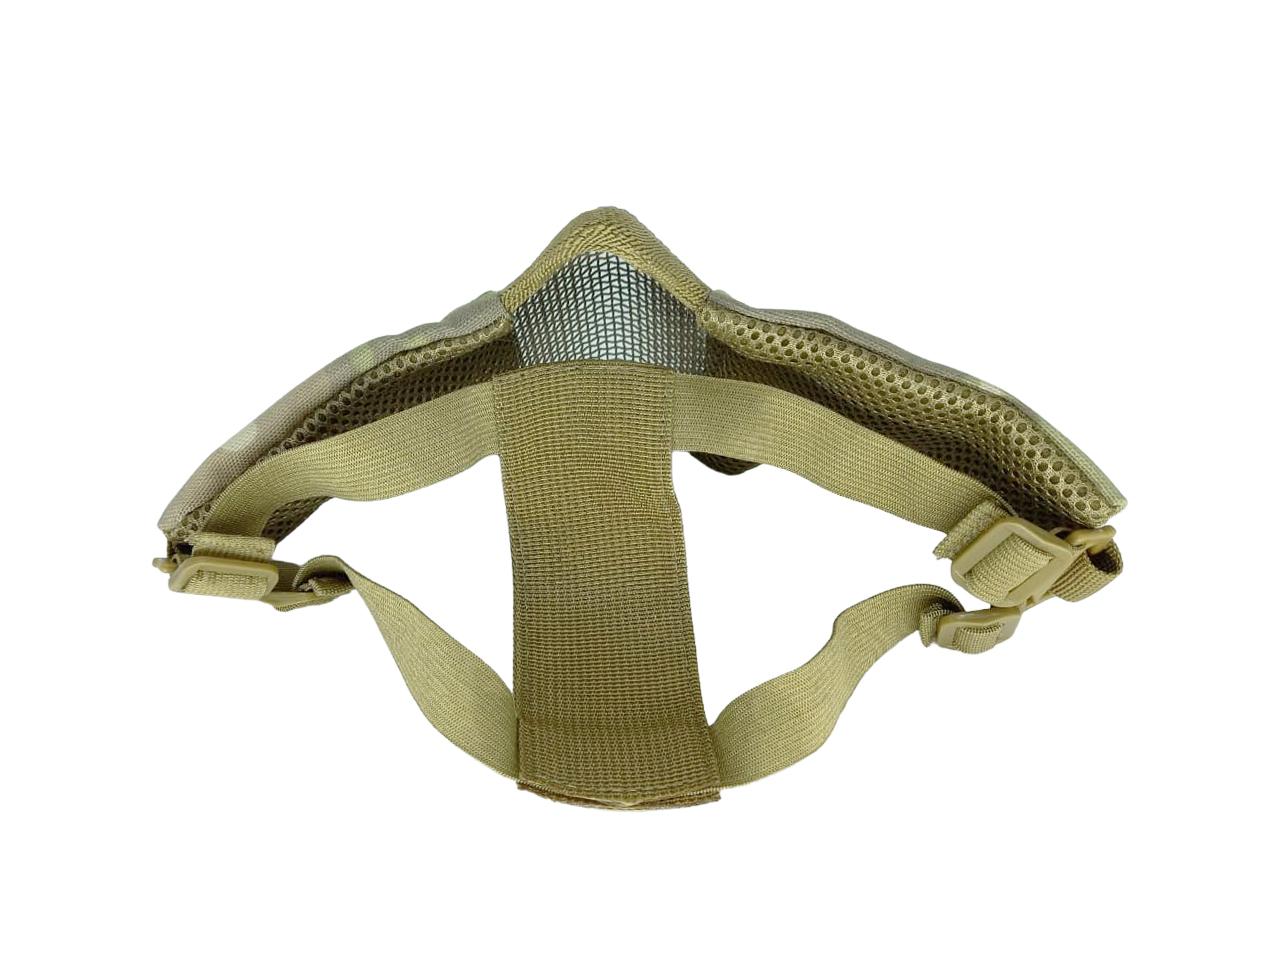 Mascara de Proteção Meia Face Confort - TAN   - MAB AIRSOFT